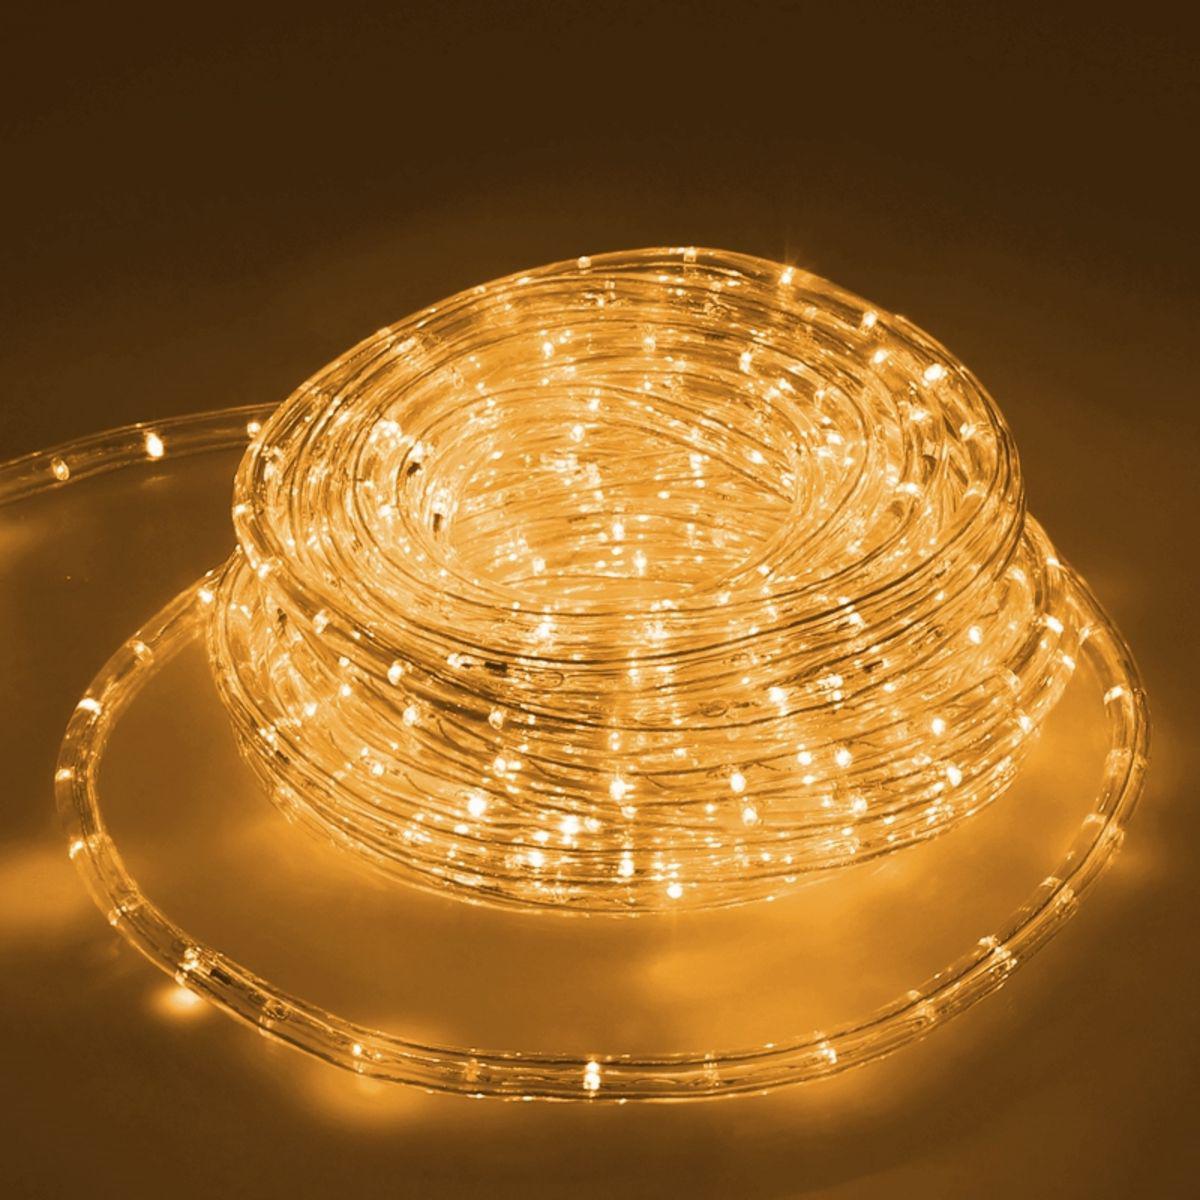 Ecd Germany ECD Germany LED Tube Lumière Guirlande 20m Jaune - 22 W CA 220-240V - Bandes de LED de Noël pour Intérieur /Extérieur -